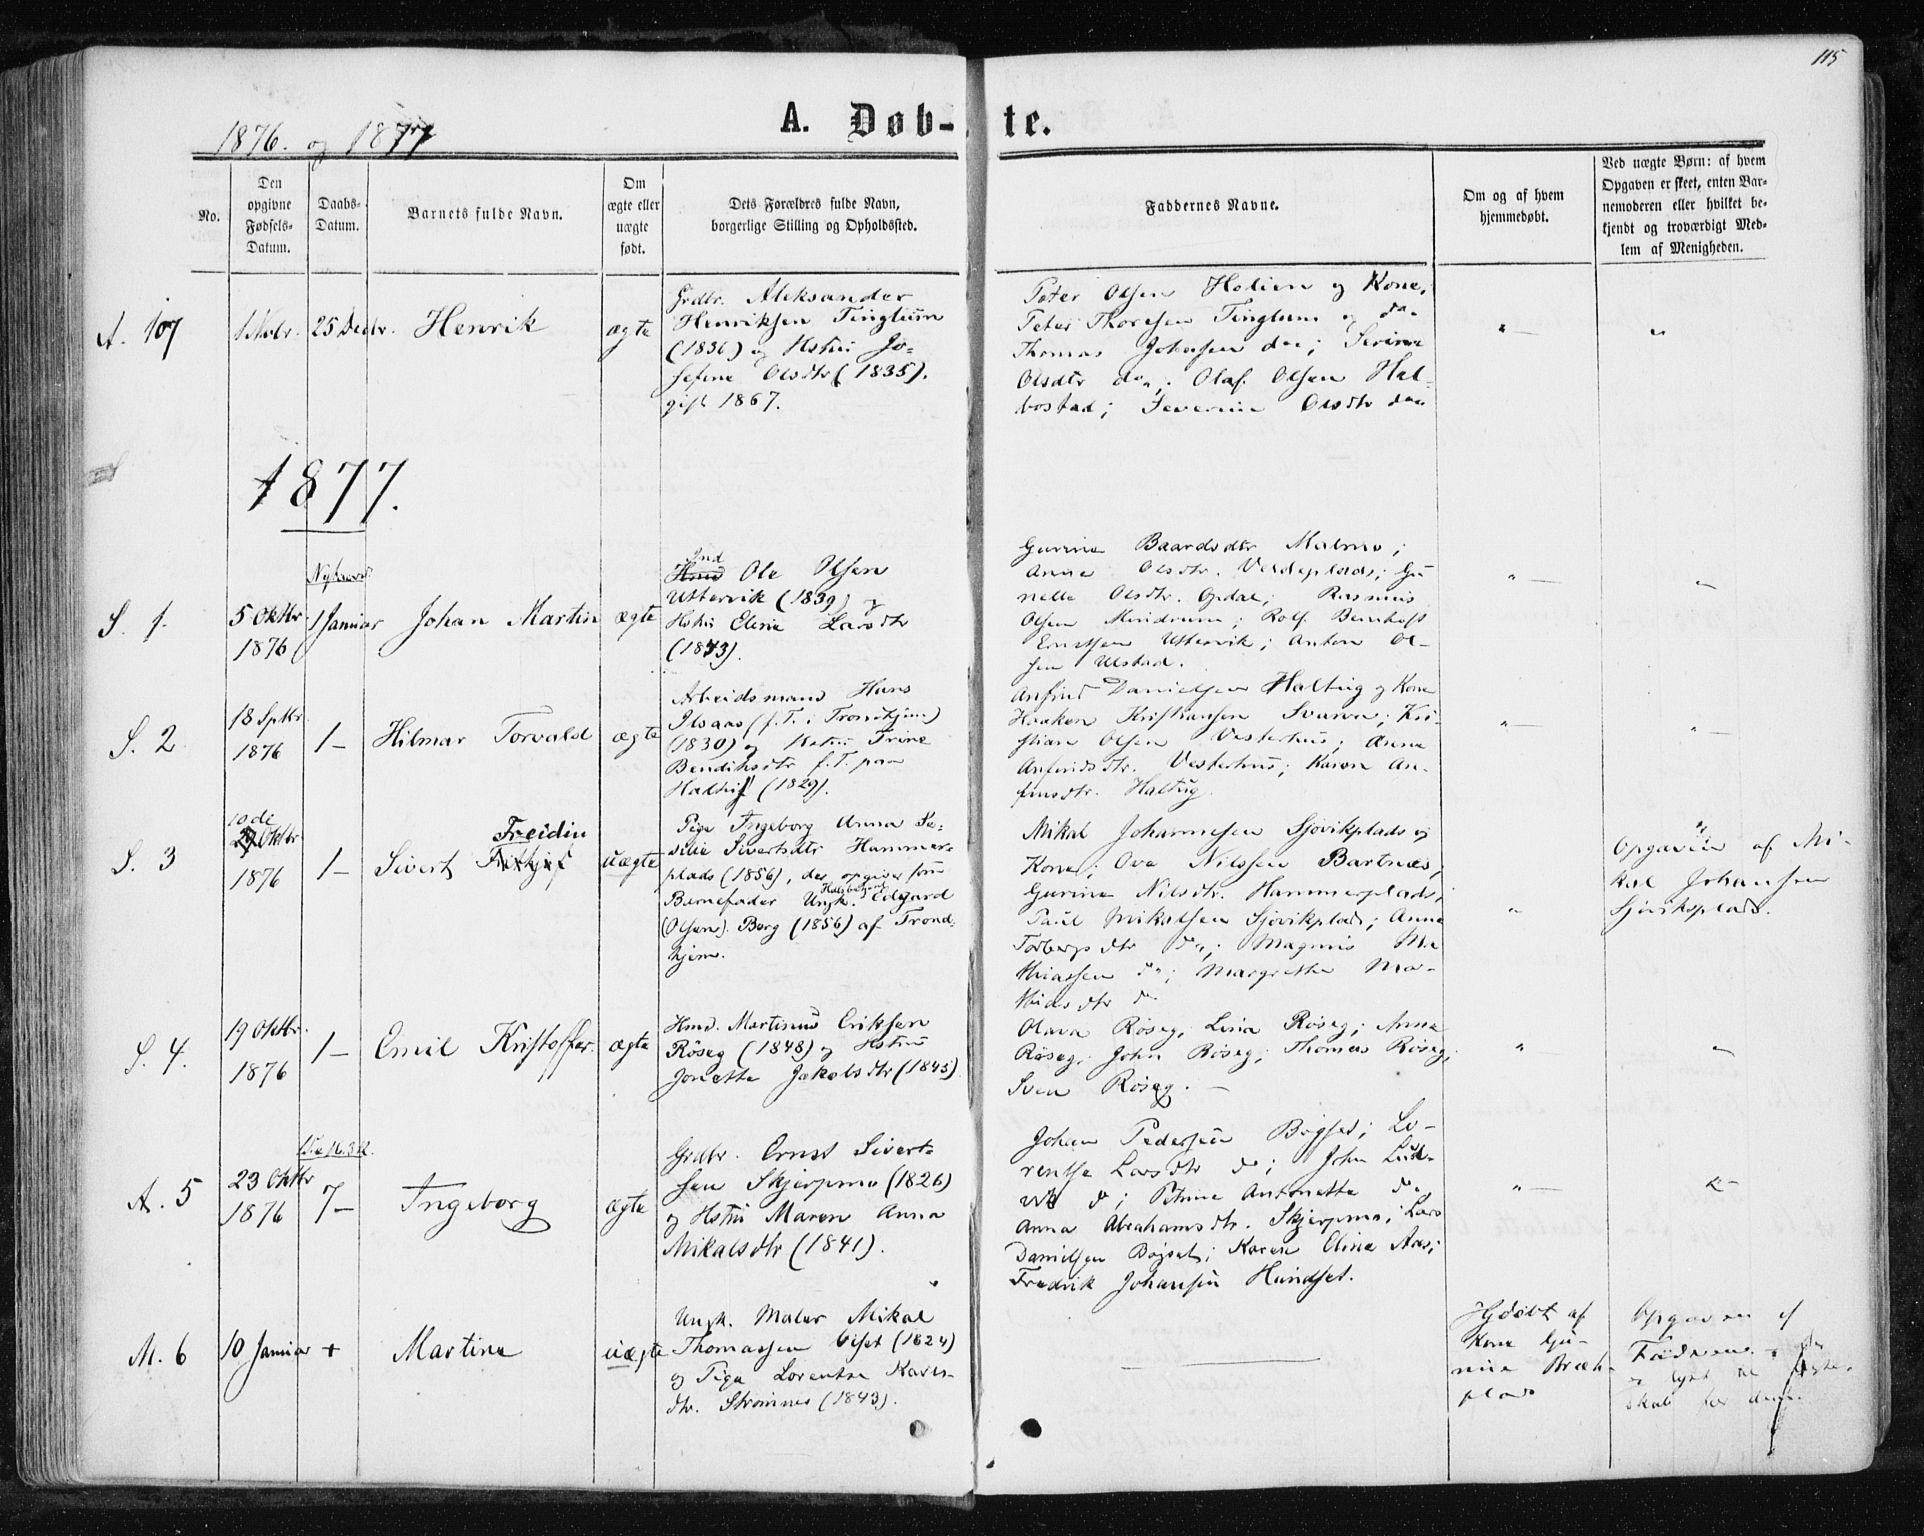 SAT, Ministerialprotokoller, klokkerbøker og fødselsregistre - Nord-Trøndelag, 741/L0394: Ministerialbok nr. 741A08, 1864-1877, s. 115